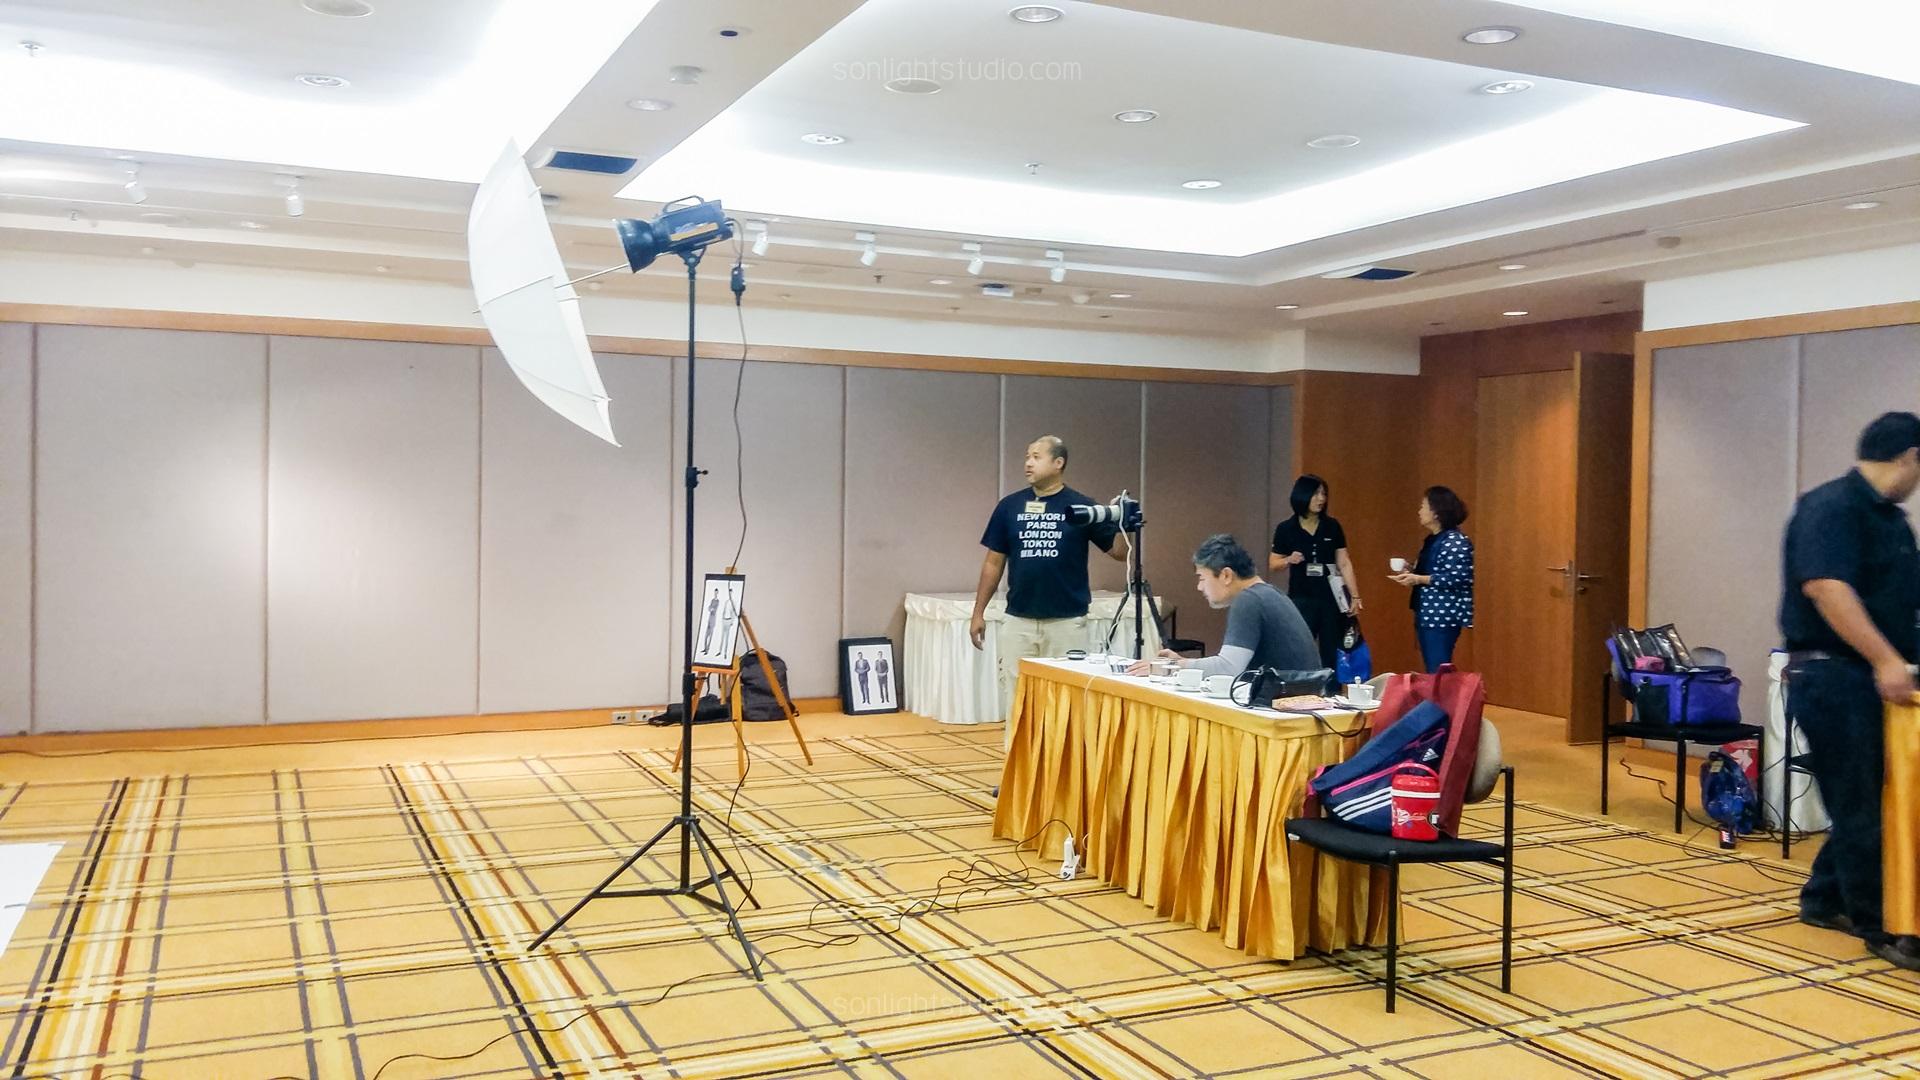 ไฟแฟลชสตูดิโอ ถ่ายภาพผู้บริหาร Eximbank